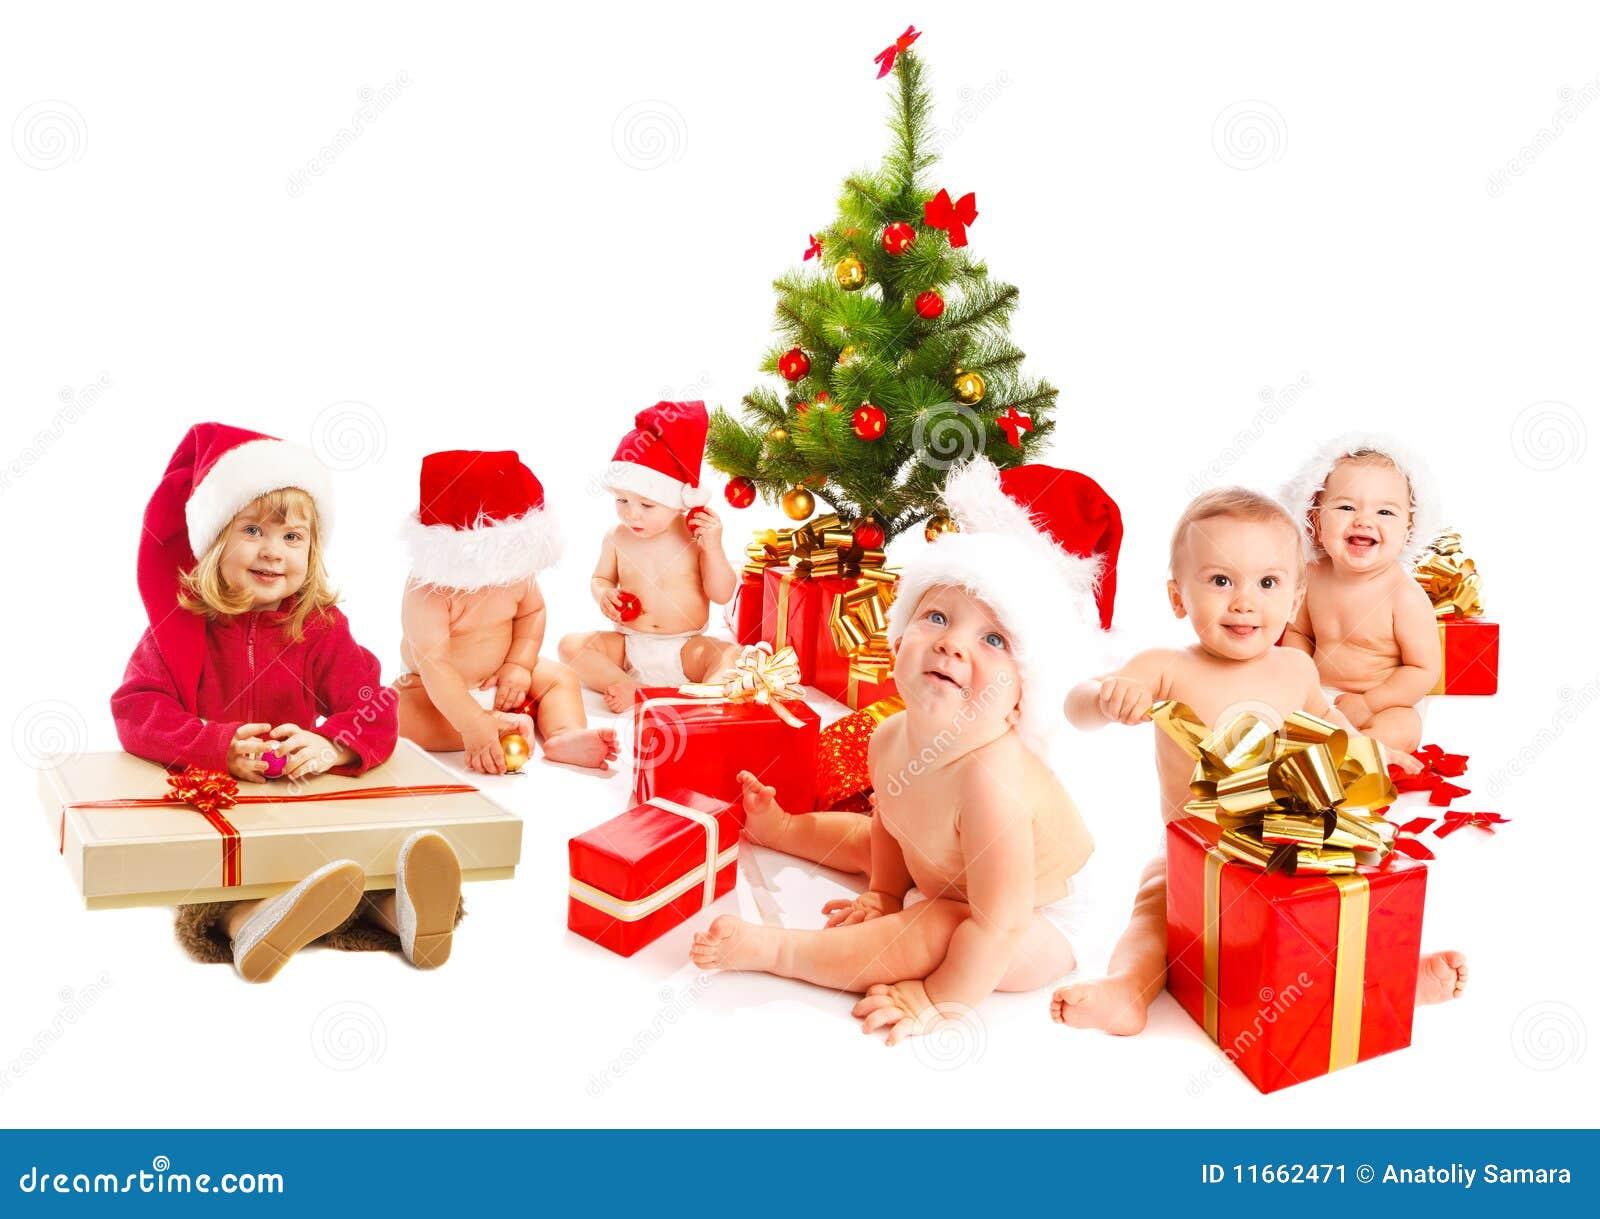 Товары для нового года реклама